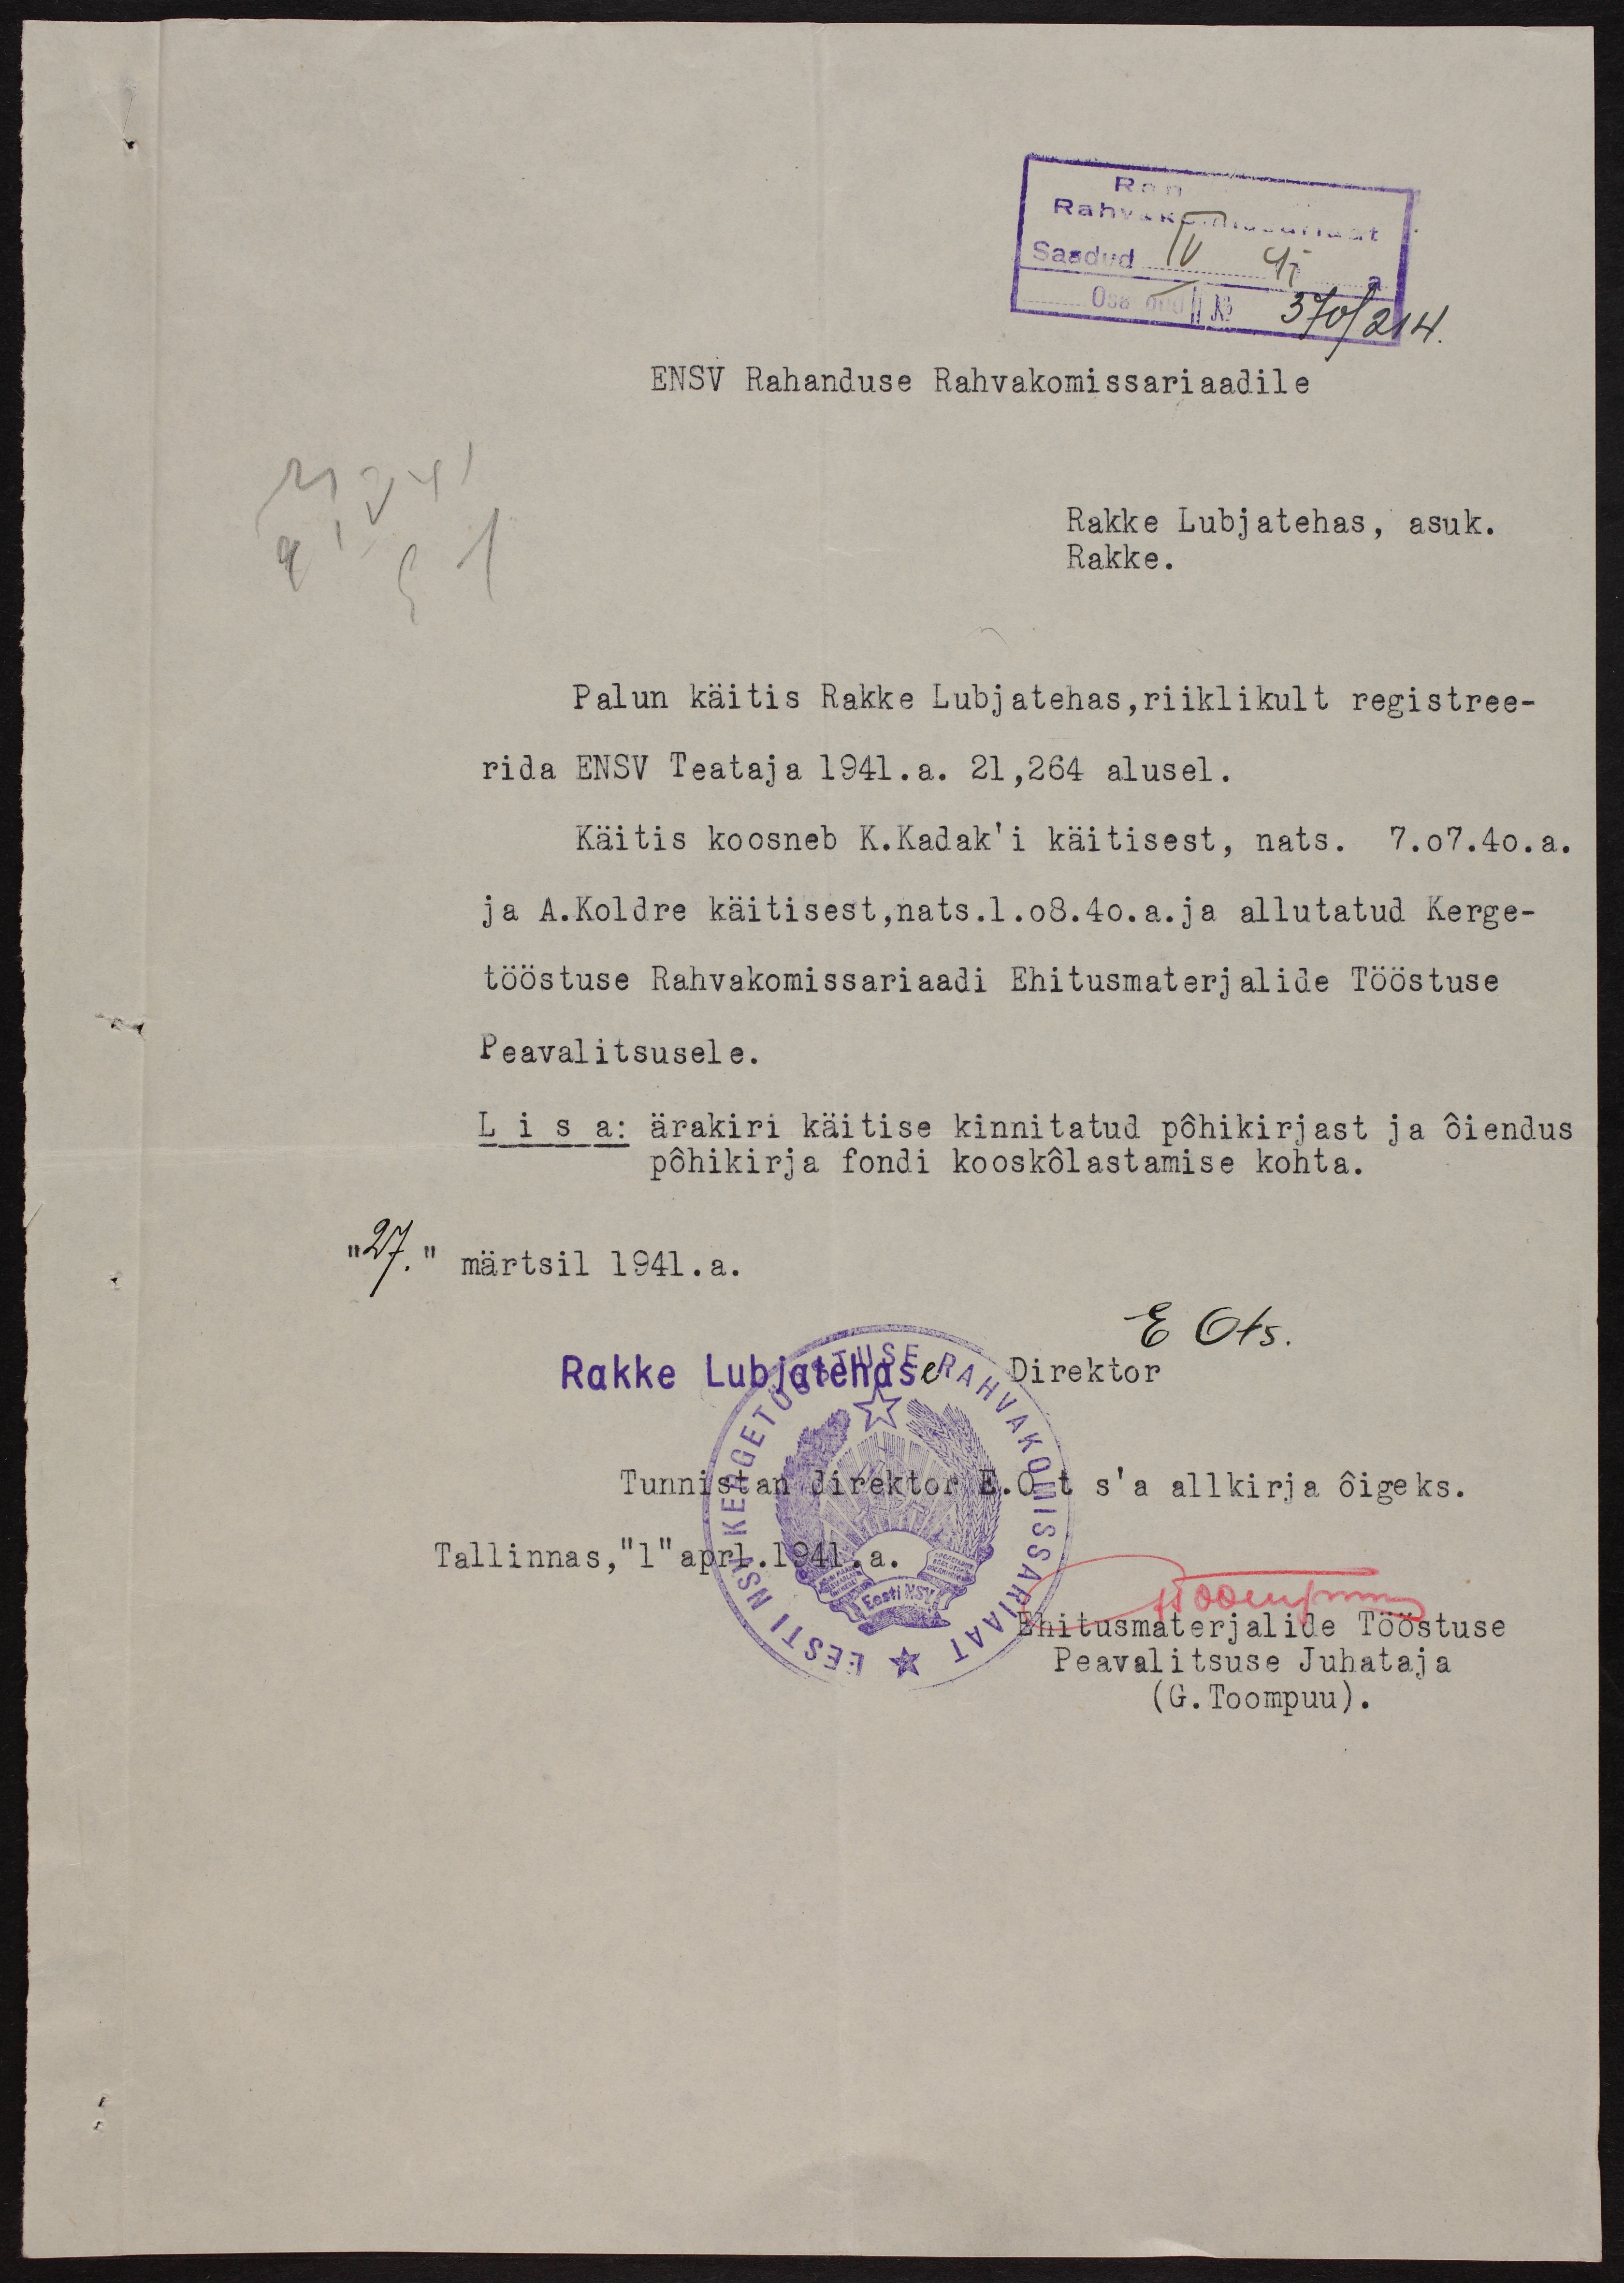 Avaldus ENSV Rahvakomissariaadile käitise Rakke lubjatehas registreerimiseks, 1941. ERA.R-4.1.746